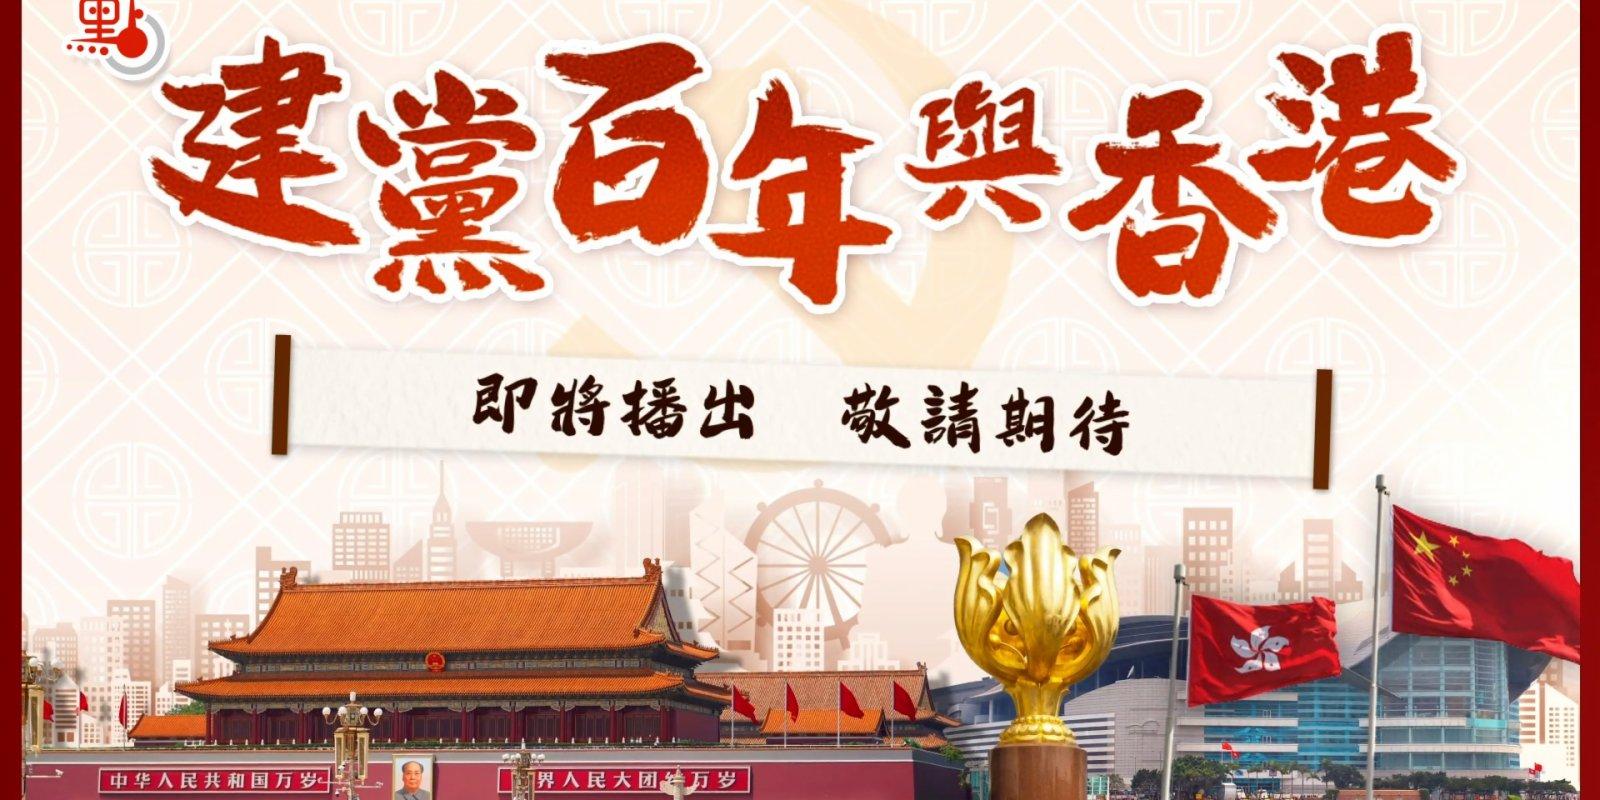 【預告】點新聞專題節目 特邀神秘嘉賓講述《建黨百年與香港》